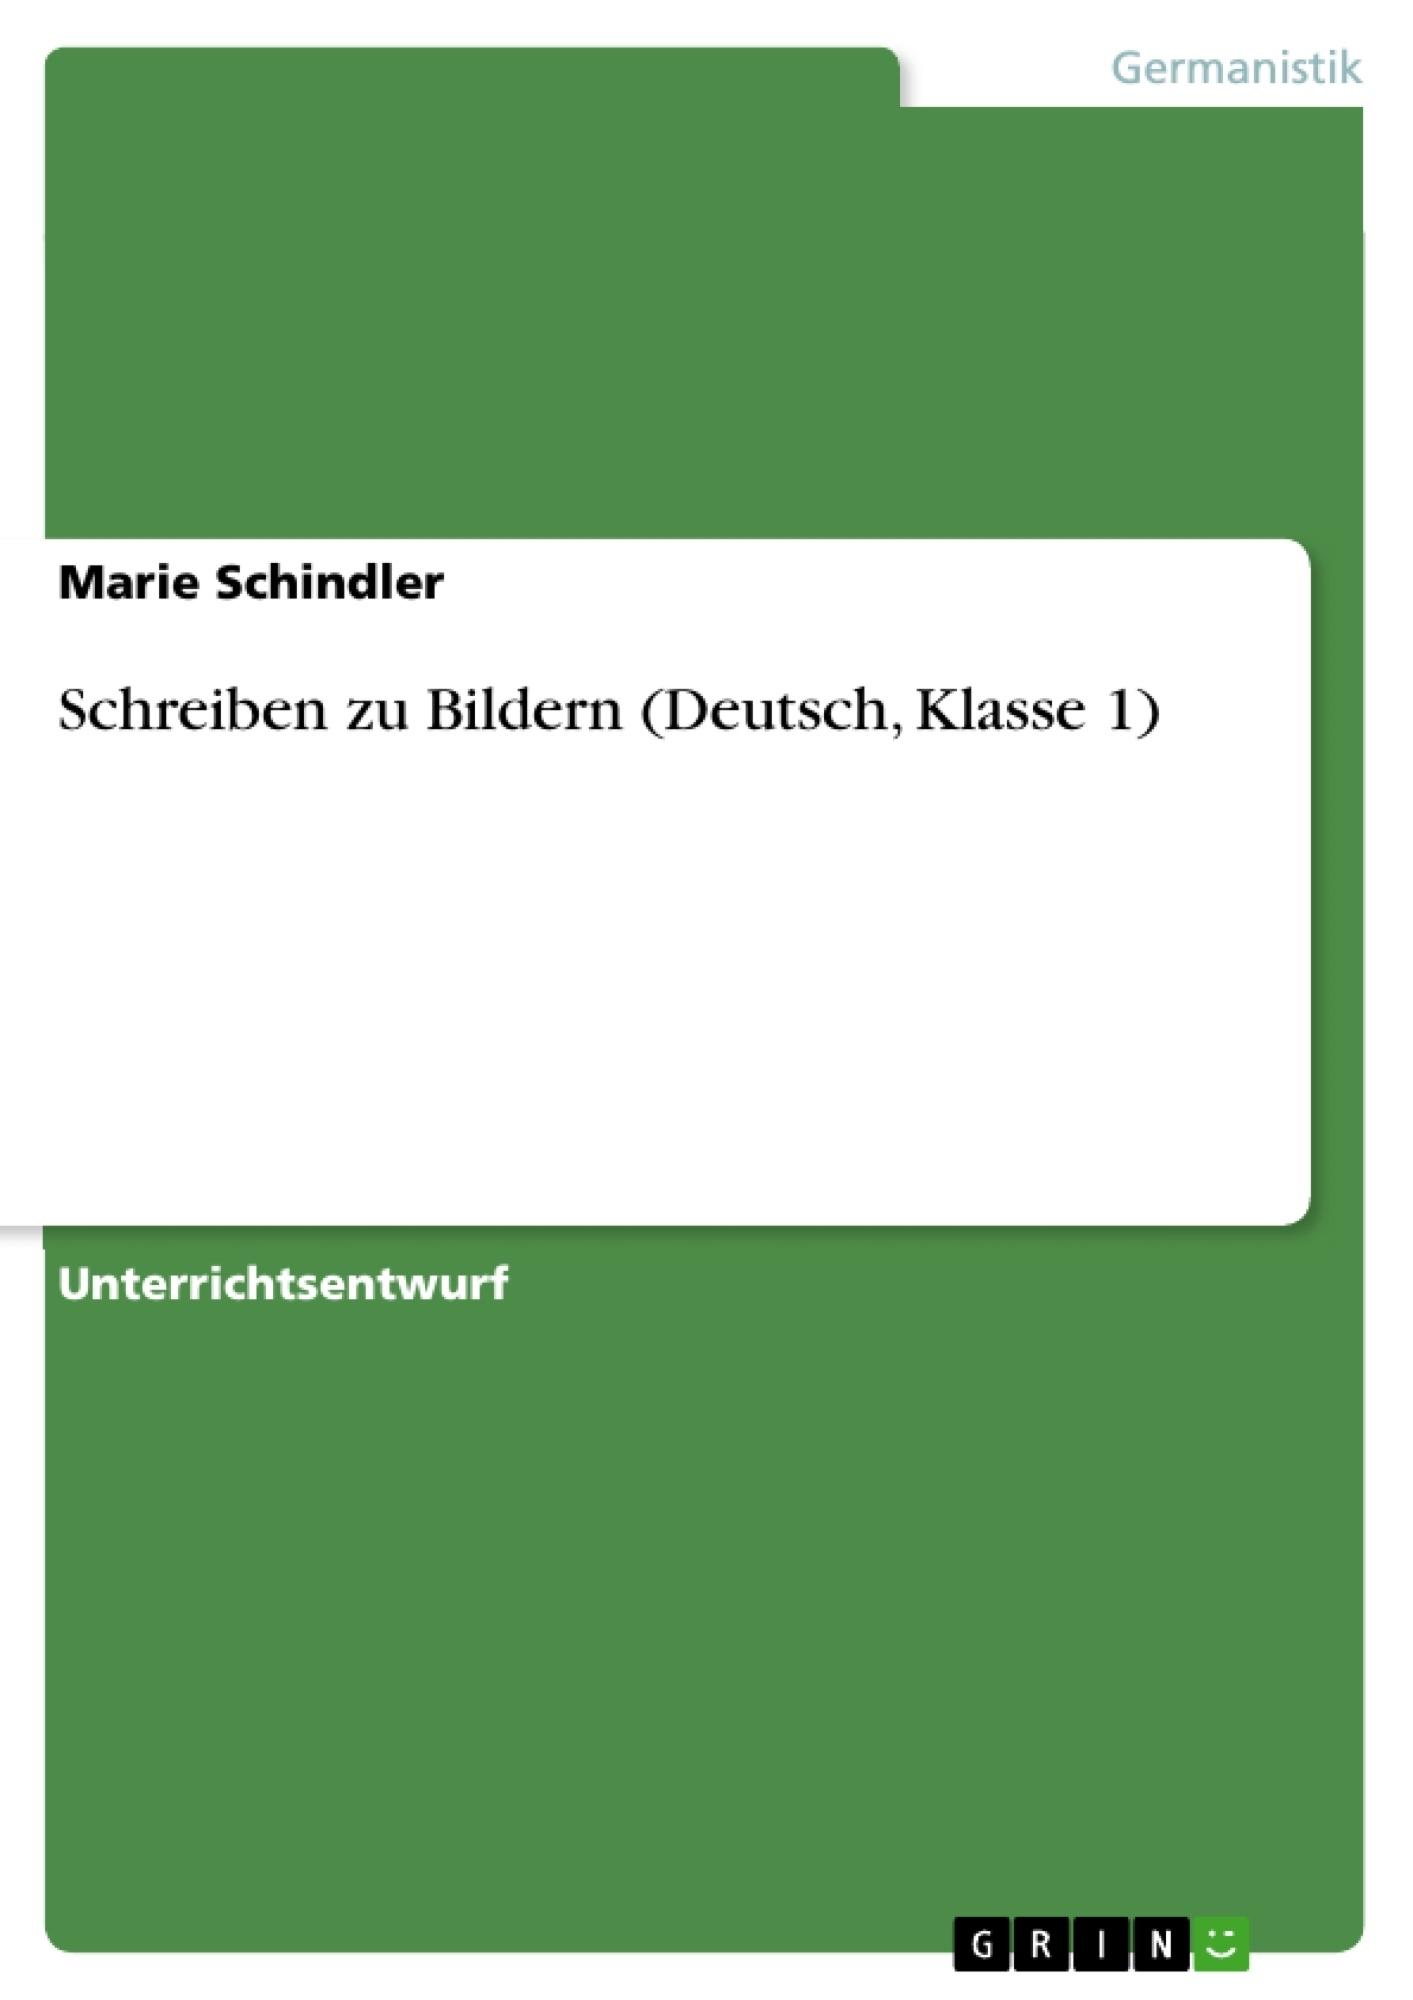 Titel: Schreiben zu Bildern (Deutsch, Klasse 1)